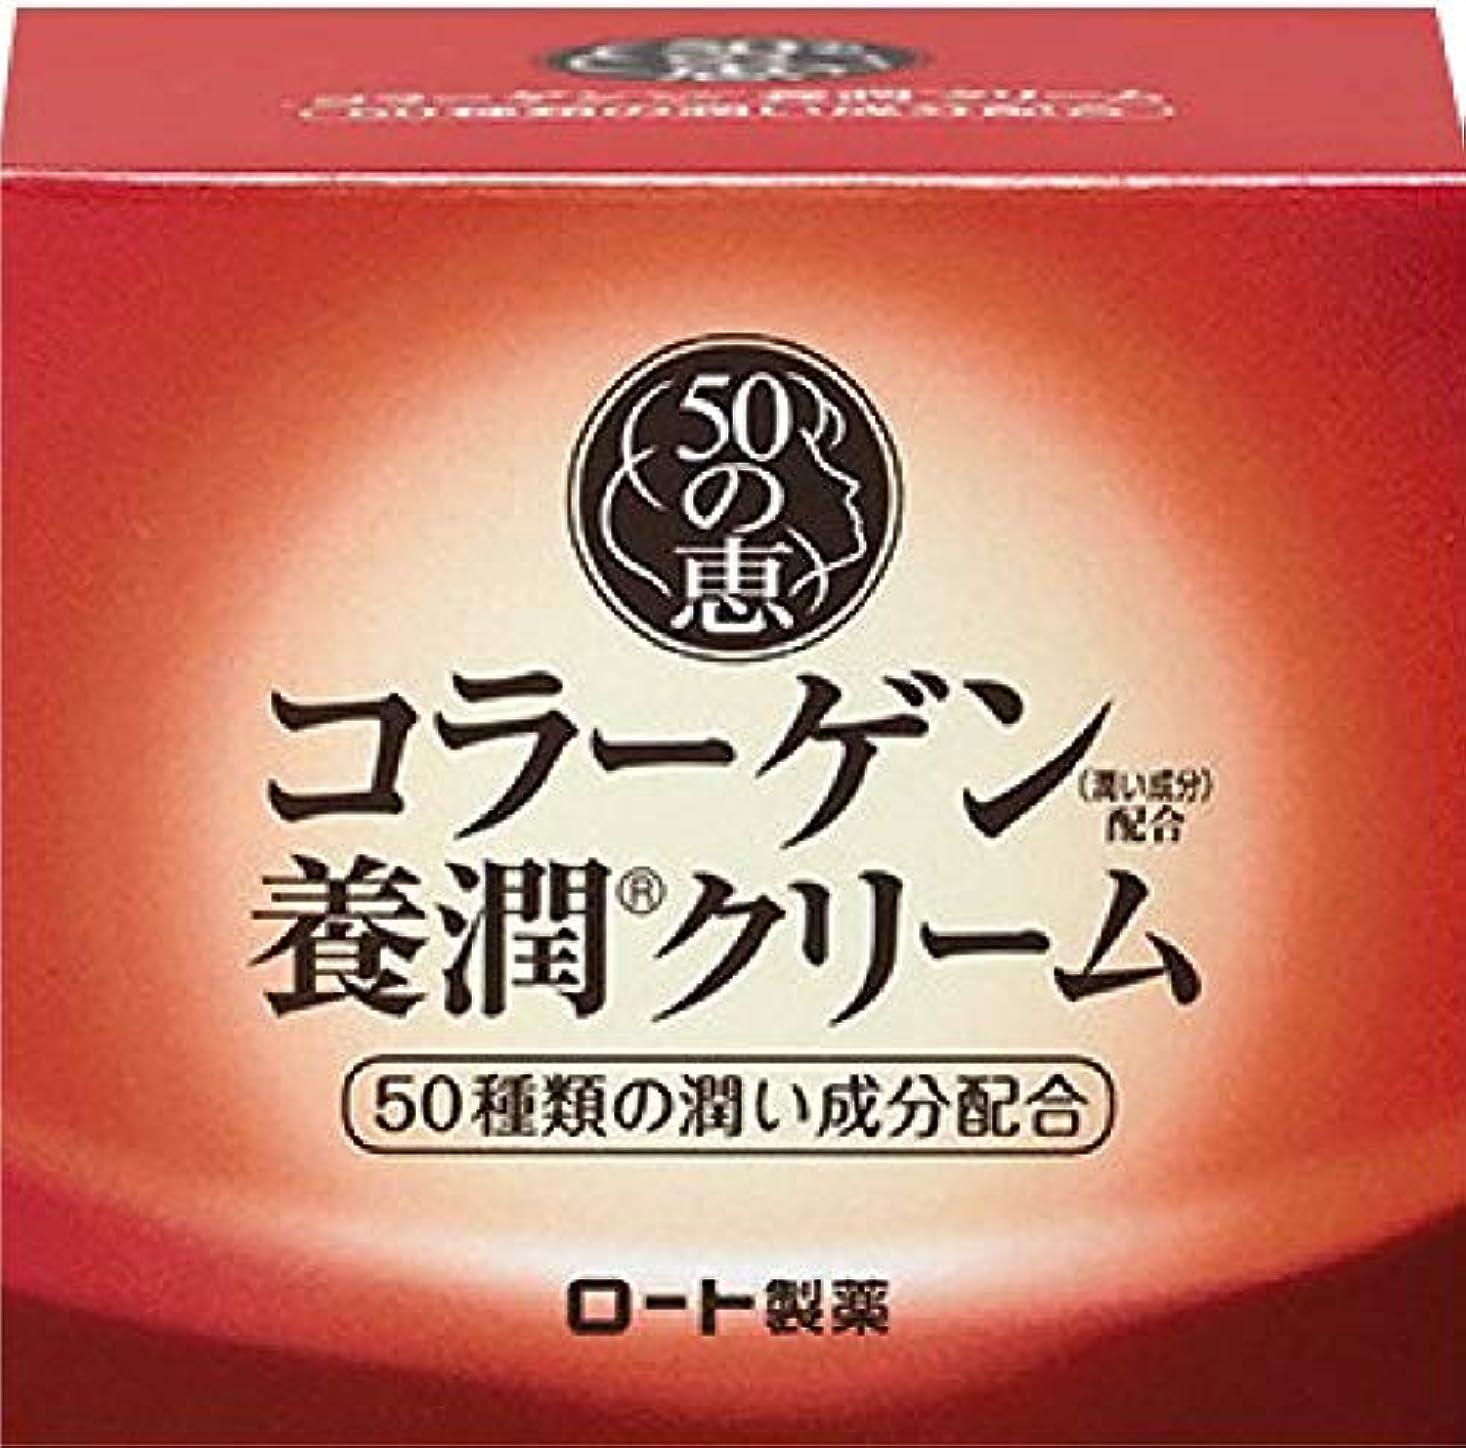 パブ勘違いするジャニスロート製薬 50の恵エイジングケア 養潤成分50種類配合 クリーム 90g